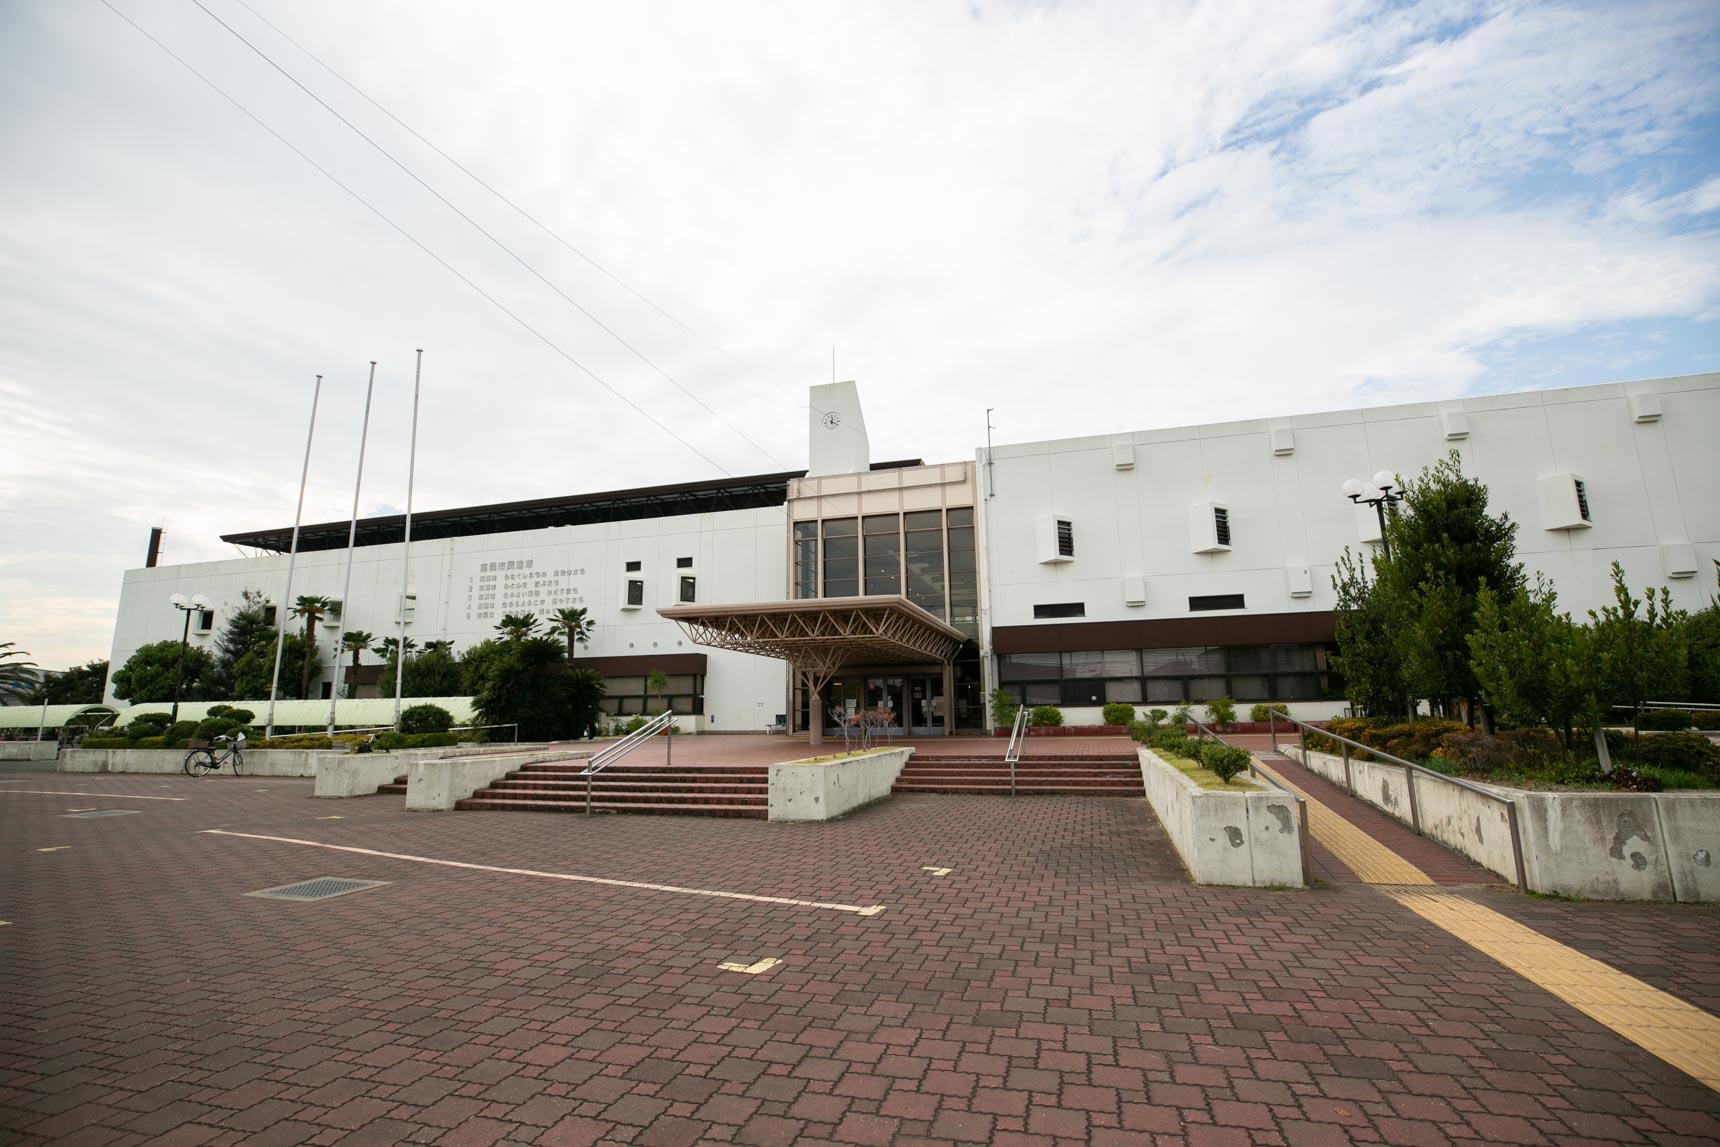 大きな体育館と陸上競技場のある「総合スポーツセンター」